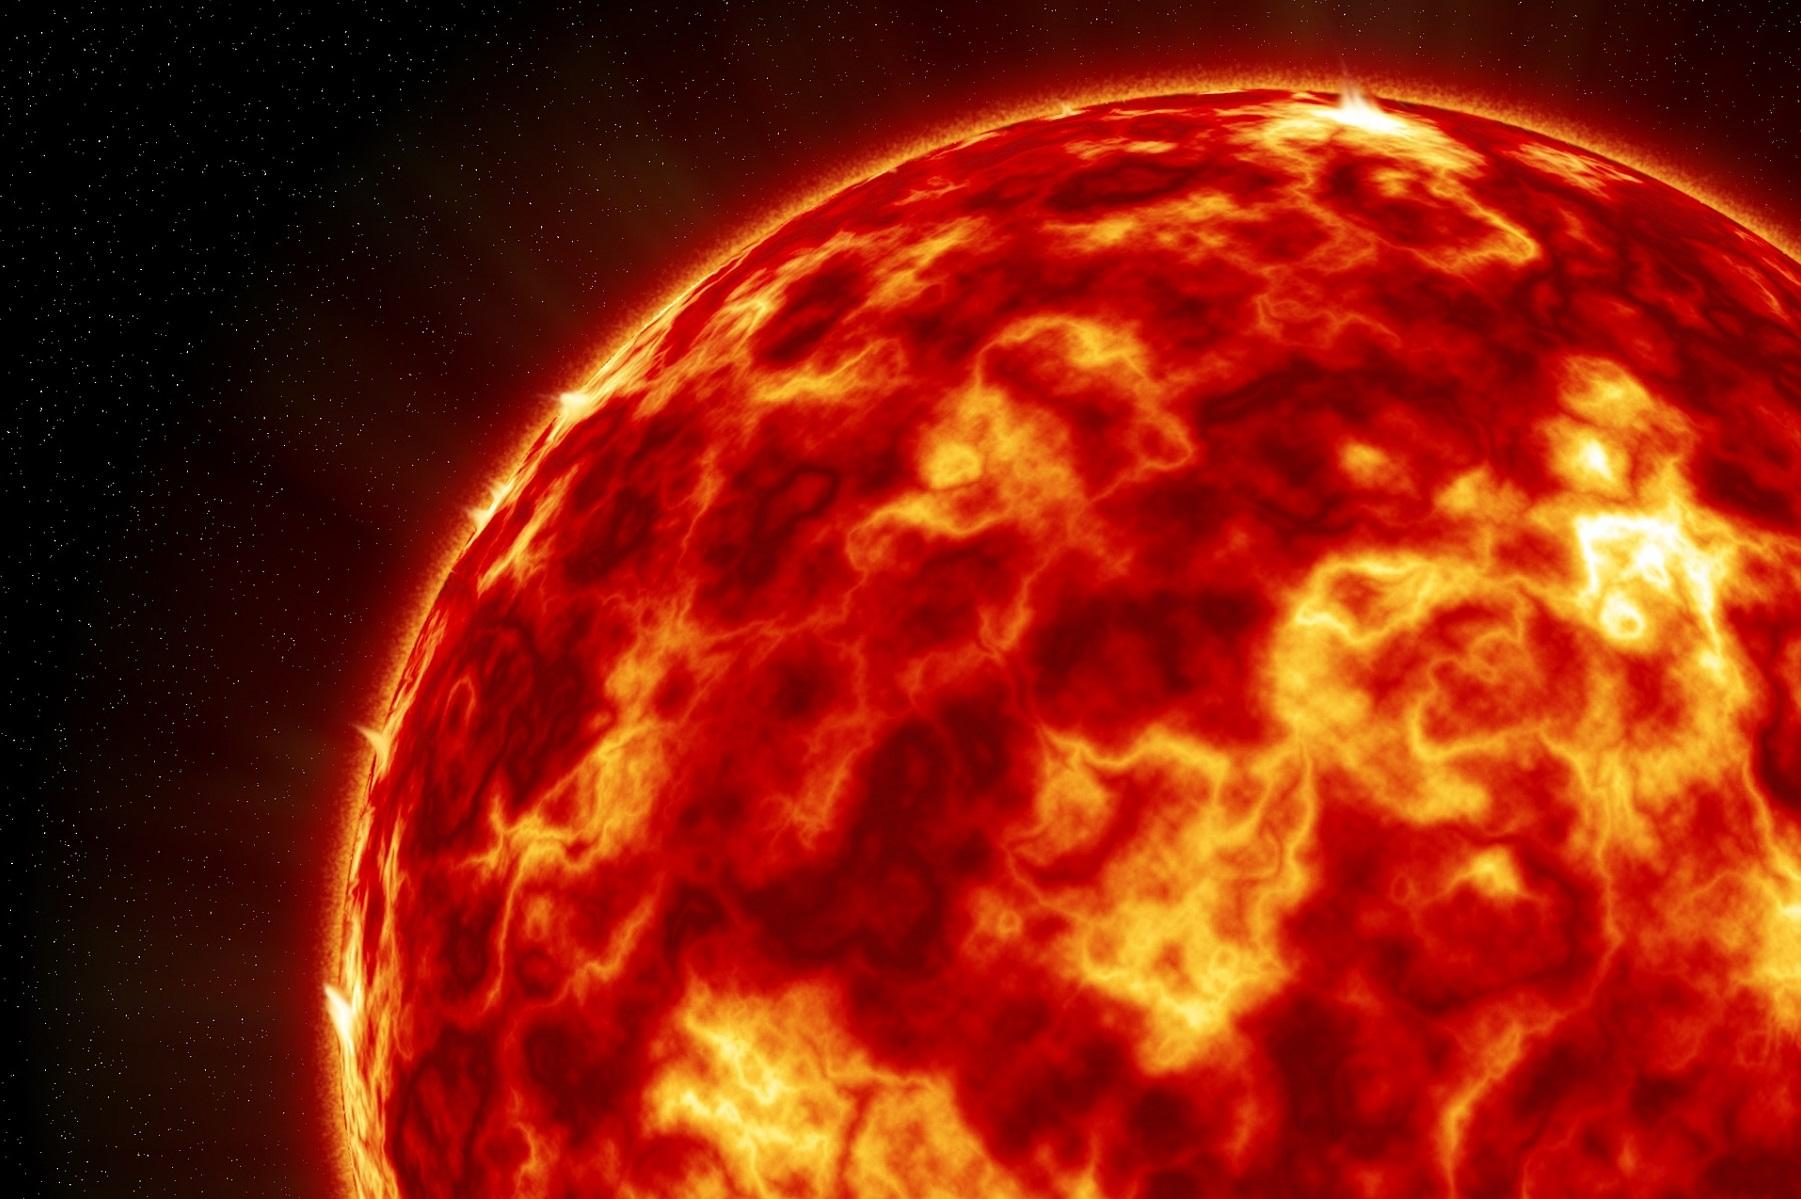 Магнитные бури 2020. Через трещины в космосе на Землю обрушится поток радиации